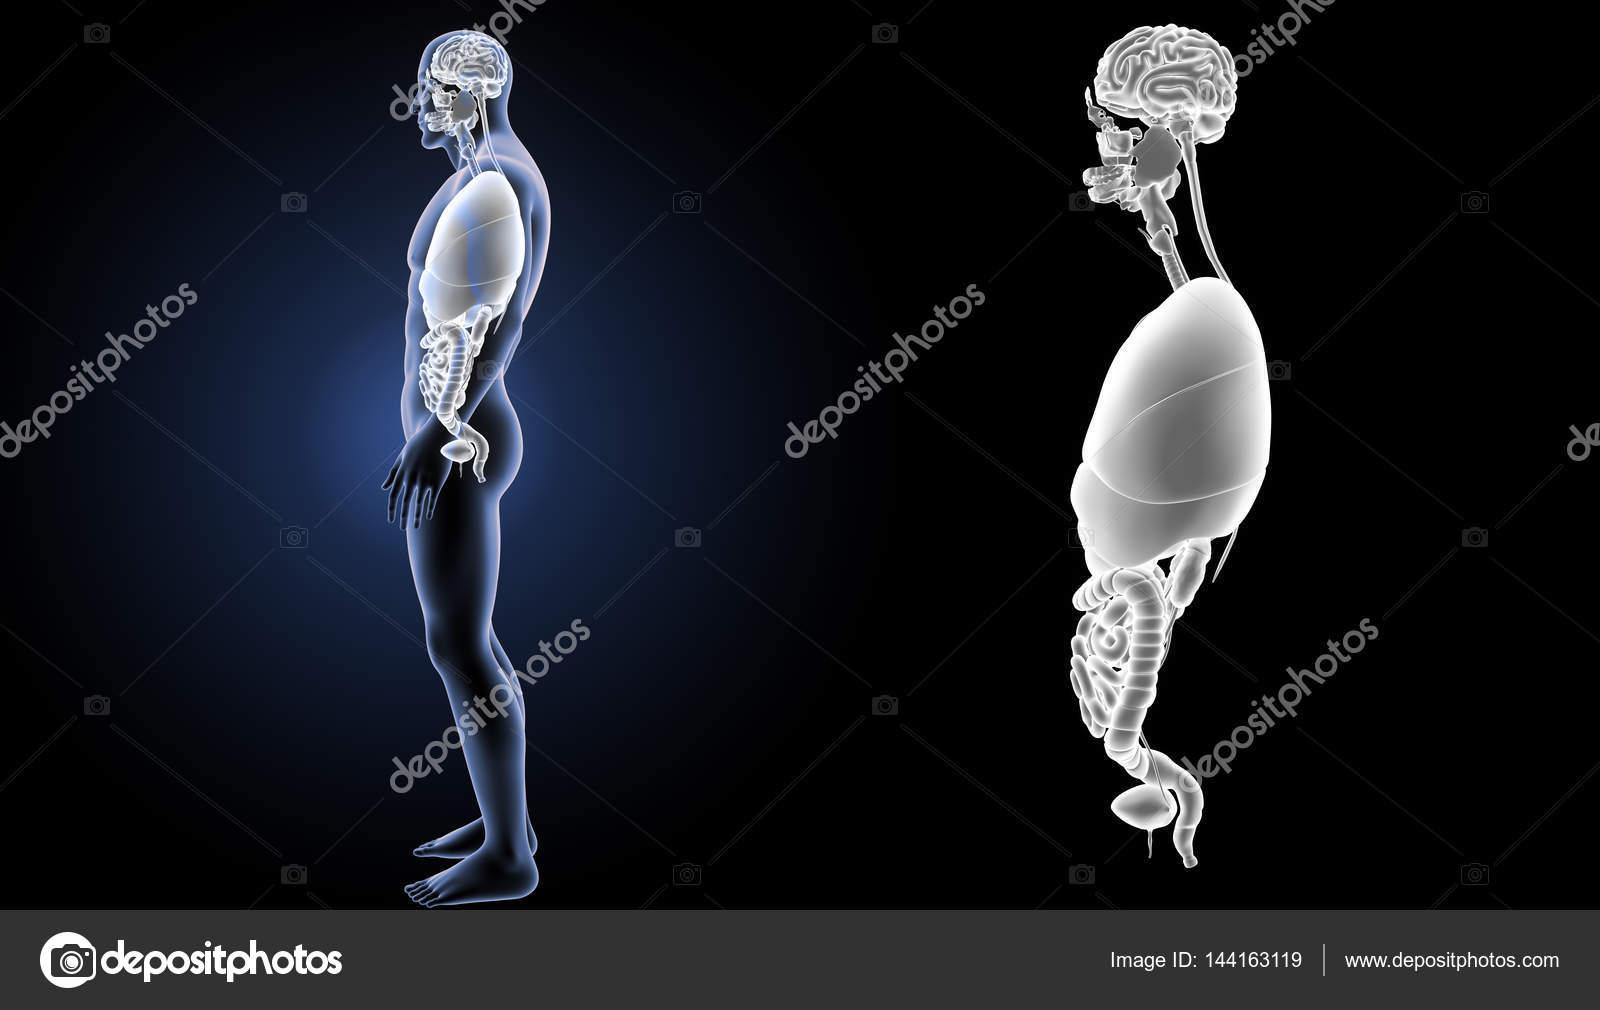 Vista de órganos humanos — Foto de stock © sciencepics #144163119